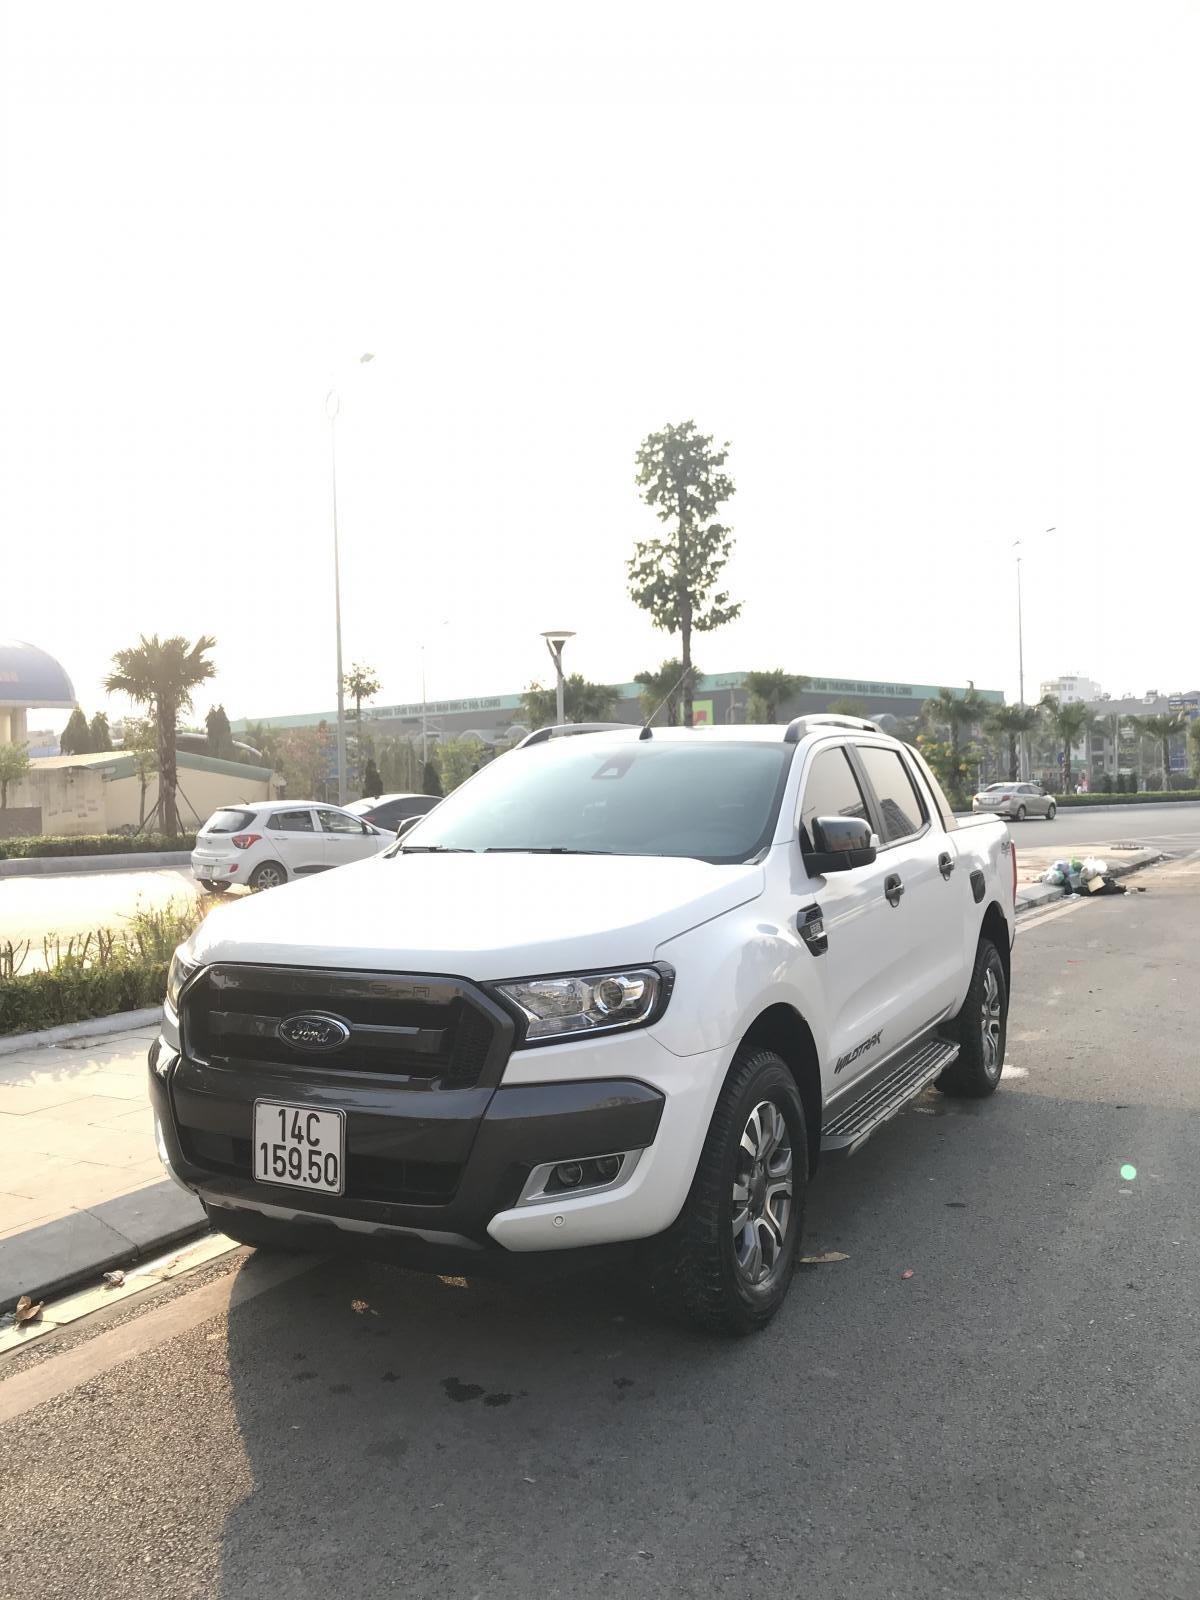 Cần bán xe Ford Ranger Wildtrak 3.2 4x4 AT đời 2016, màu trắng, xe chính chủ, nhập khẩu Thái Lan, liên hệ: 0982255966 (1)